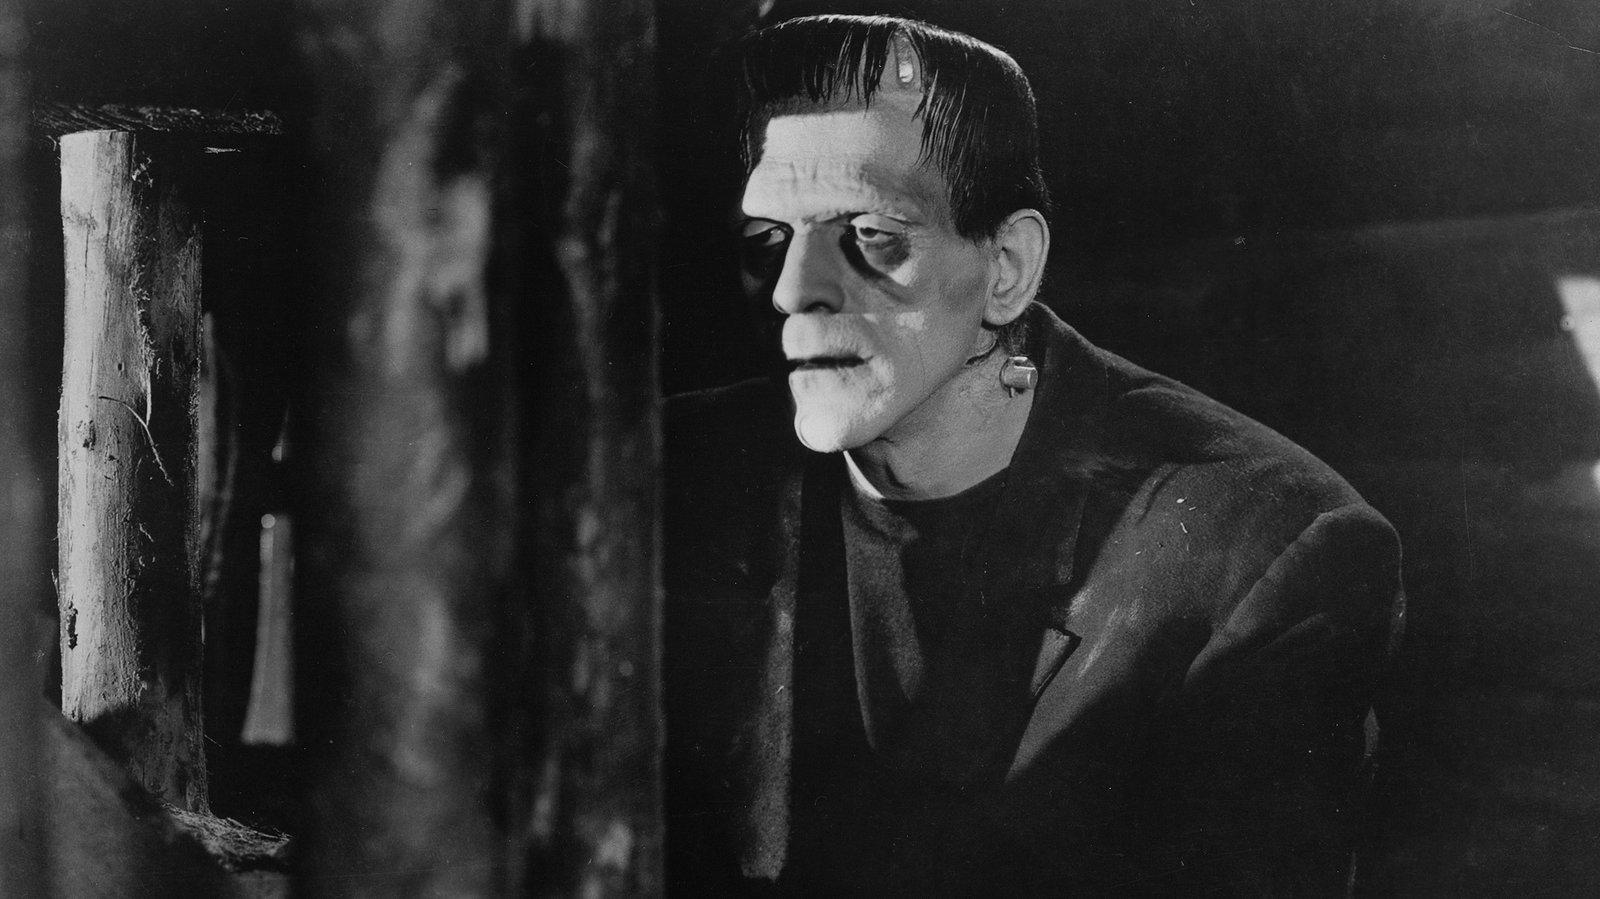 Вслед за«Человеком-невидимкой» один из создателей «Пилы» перезагрузит «Франкенштейна»